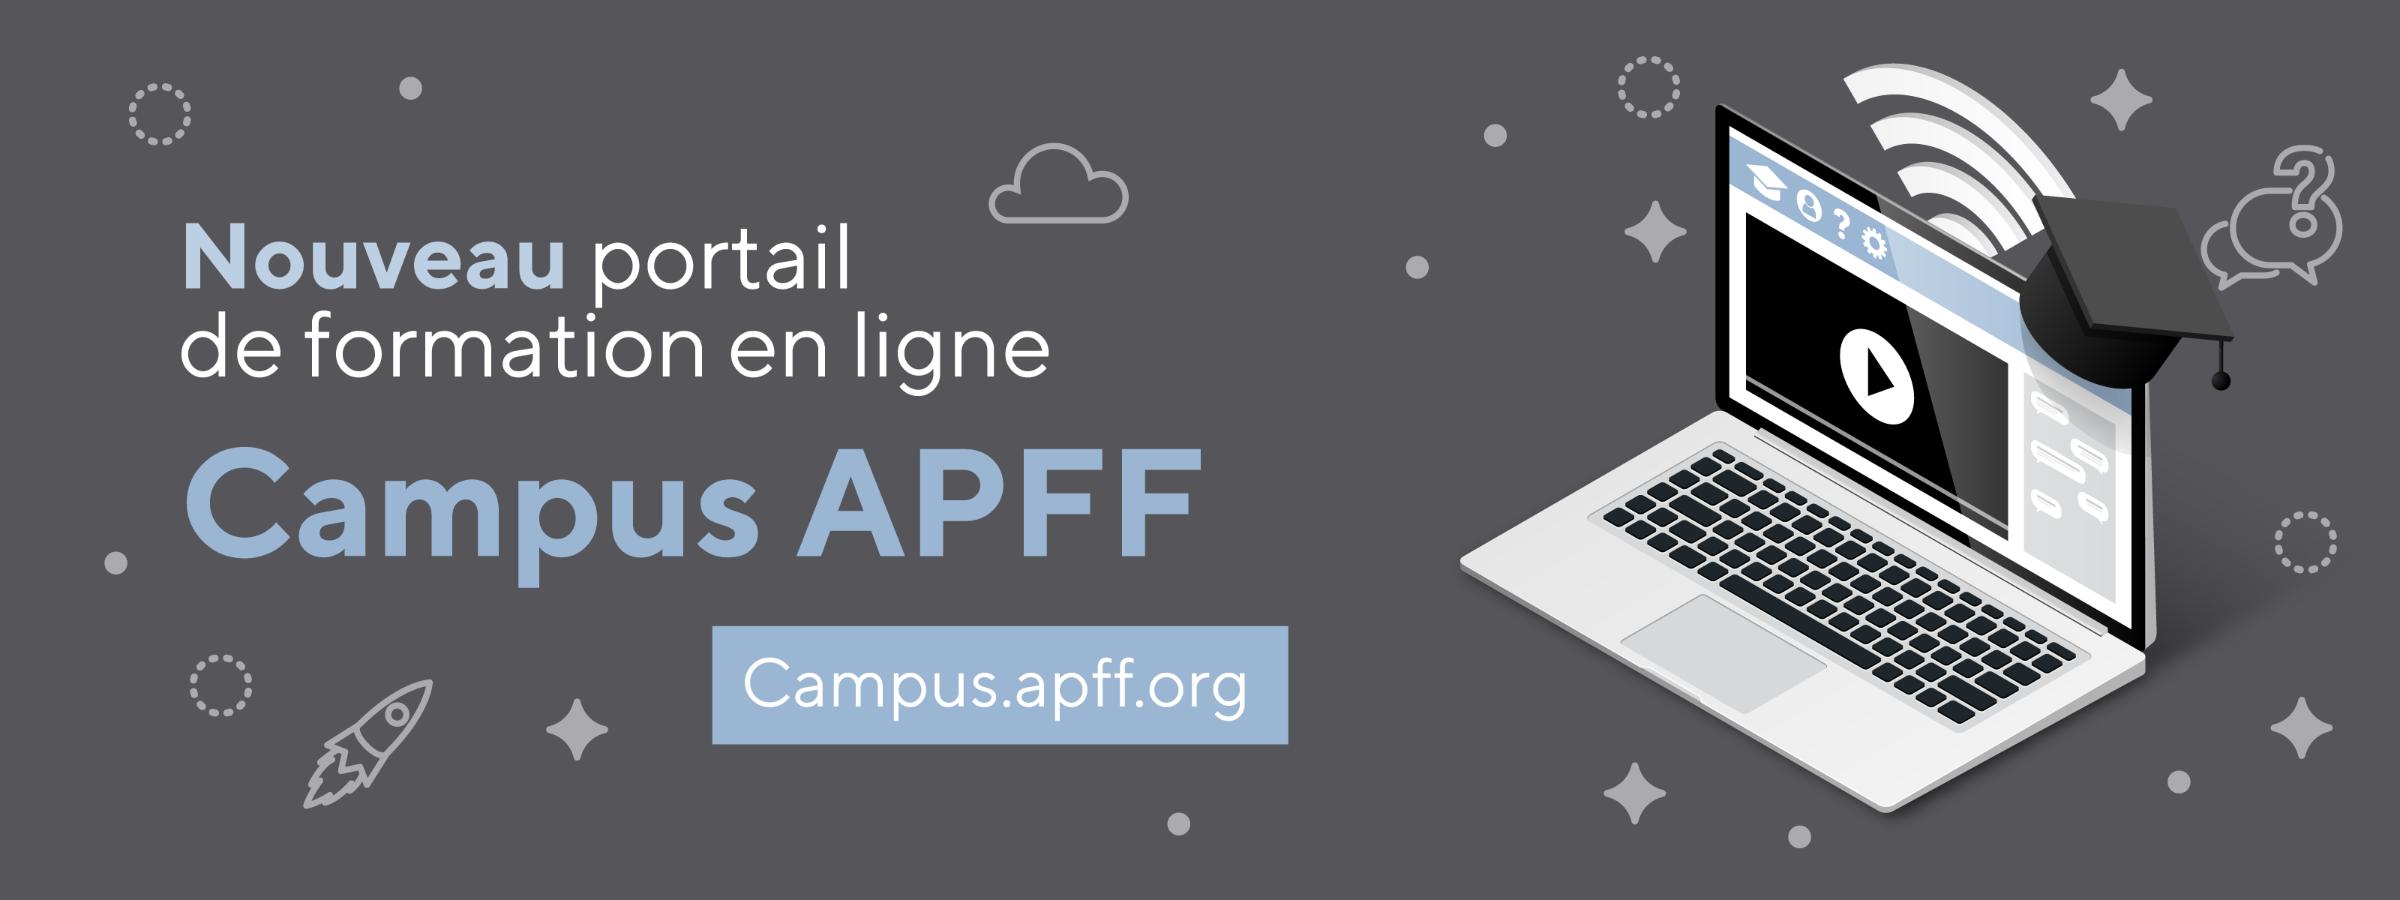 L'APFF lance un nouveau portail de formation en ligne!